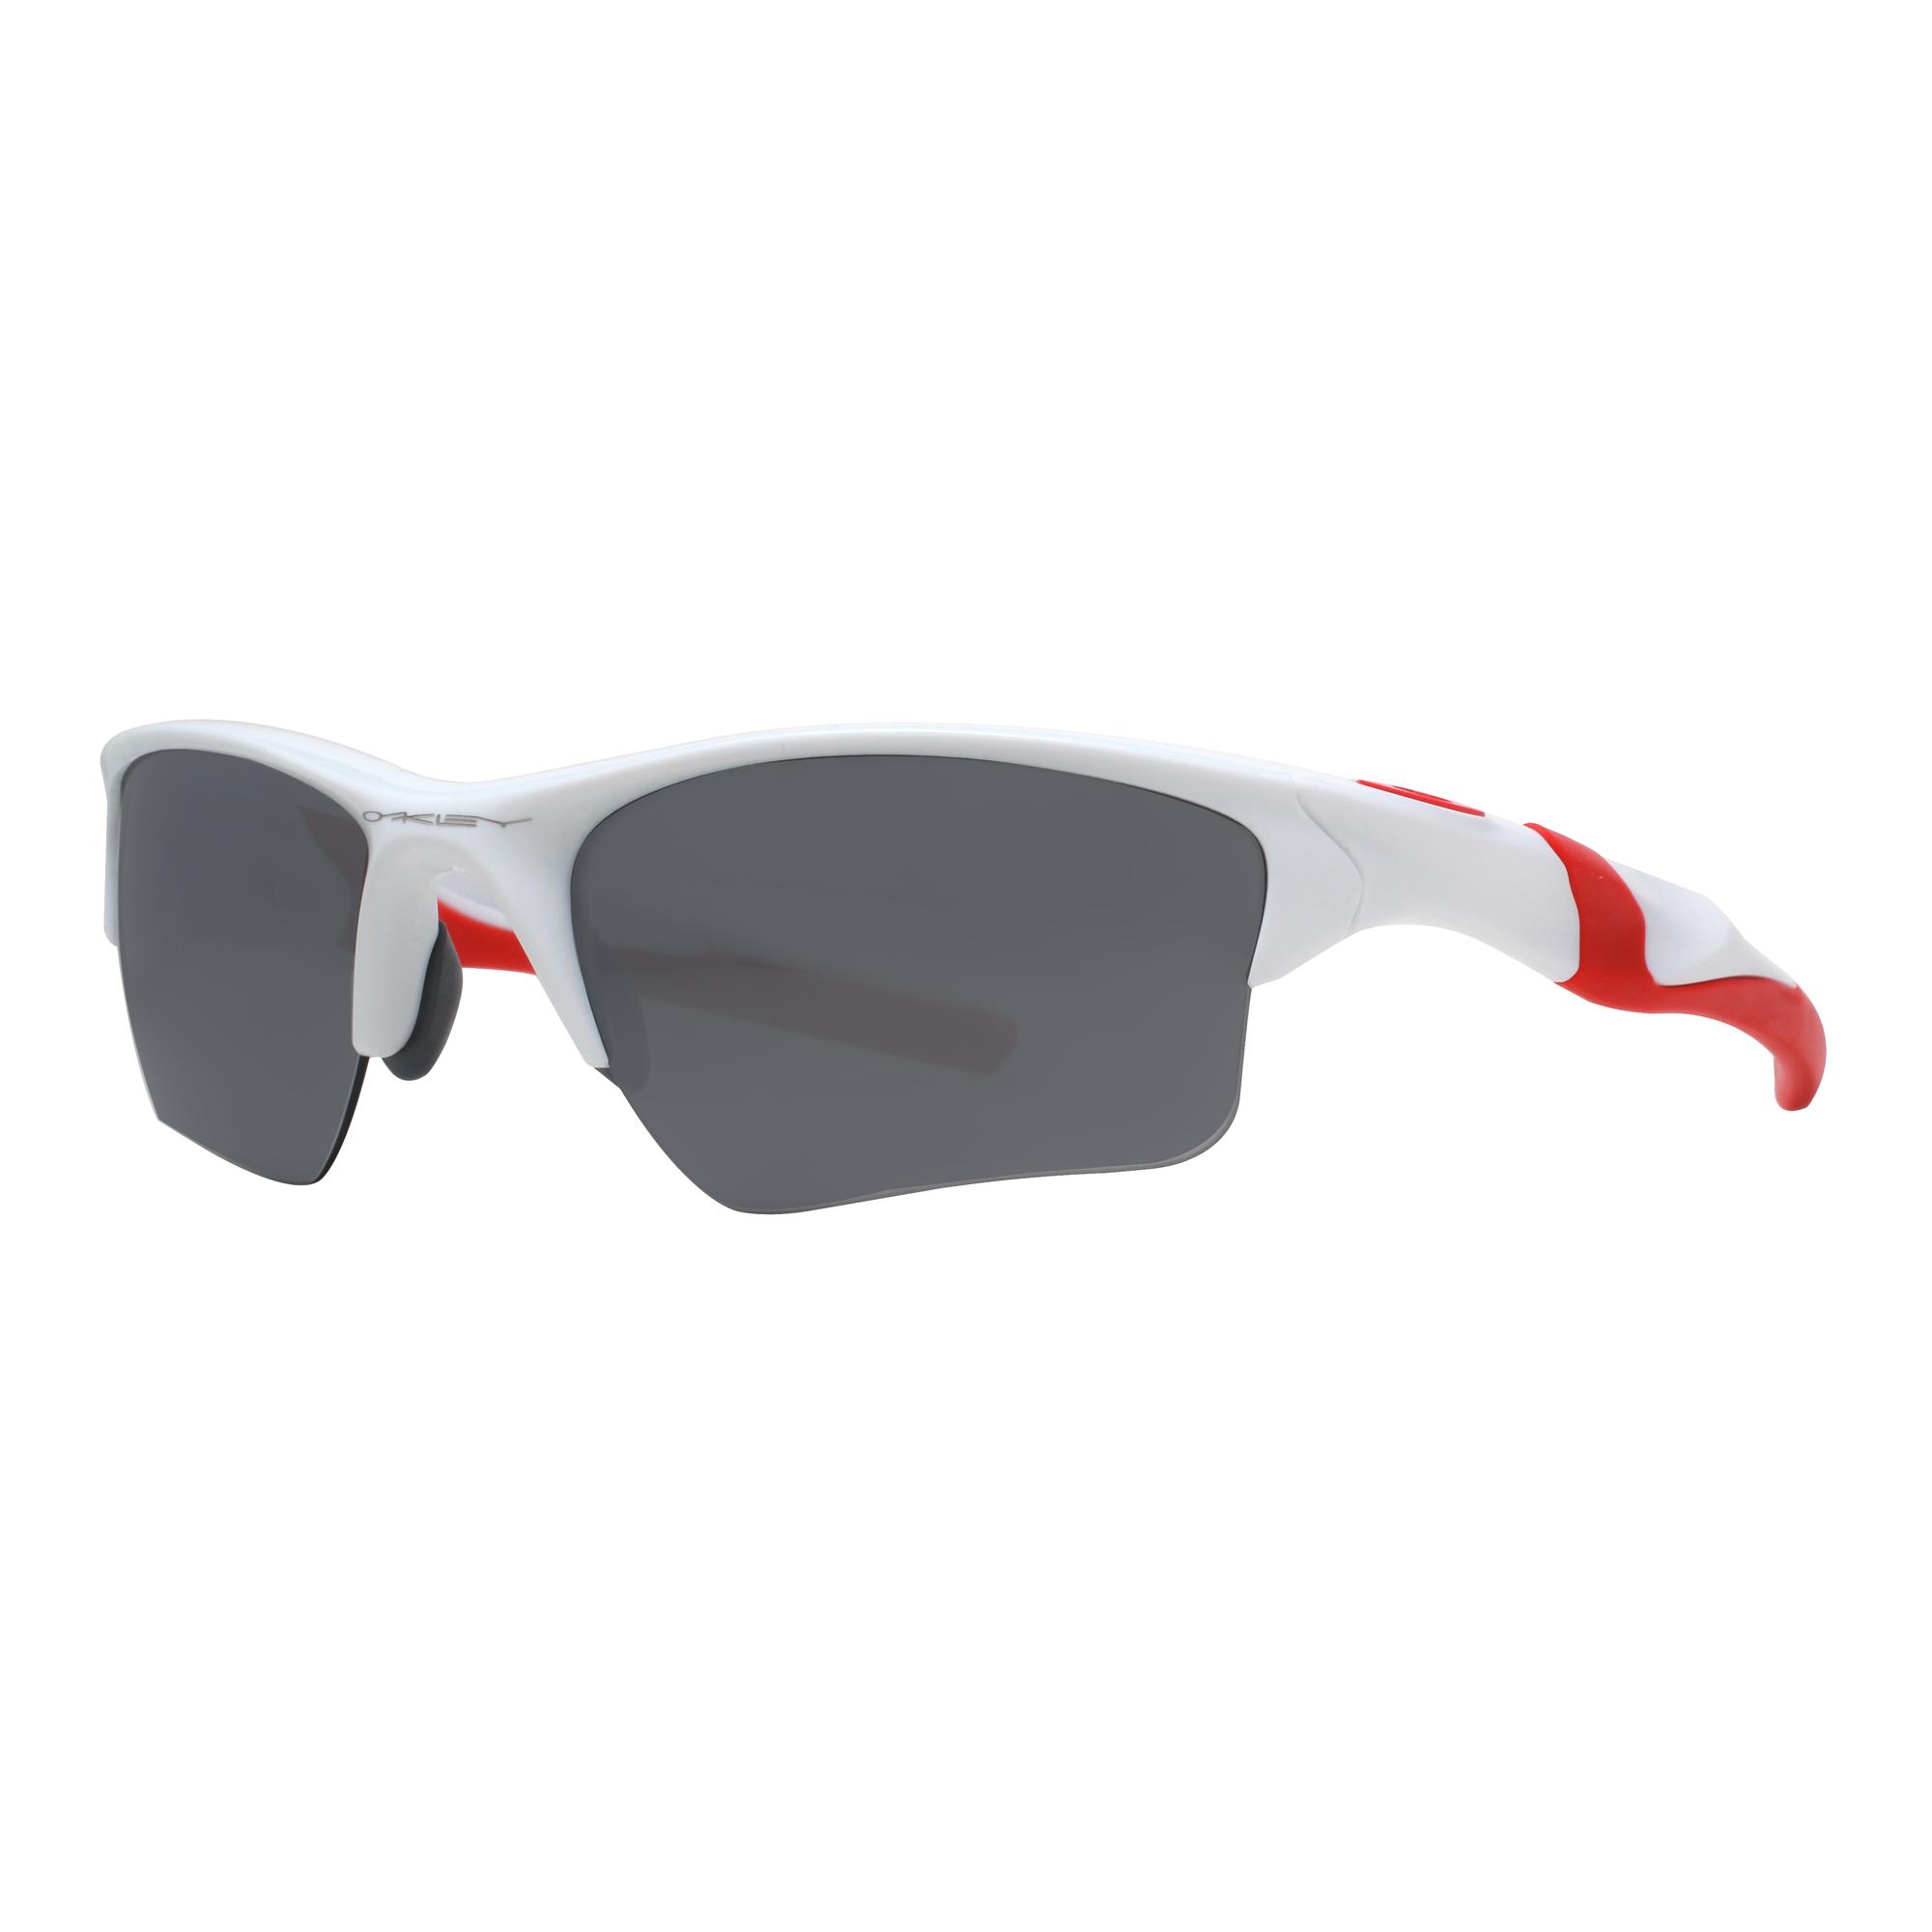 Oakley Half Jacket 2.0 XL OO9154 Sport Sunglasses   eBay